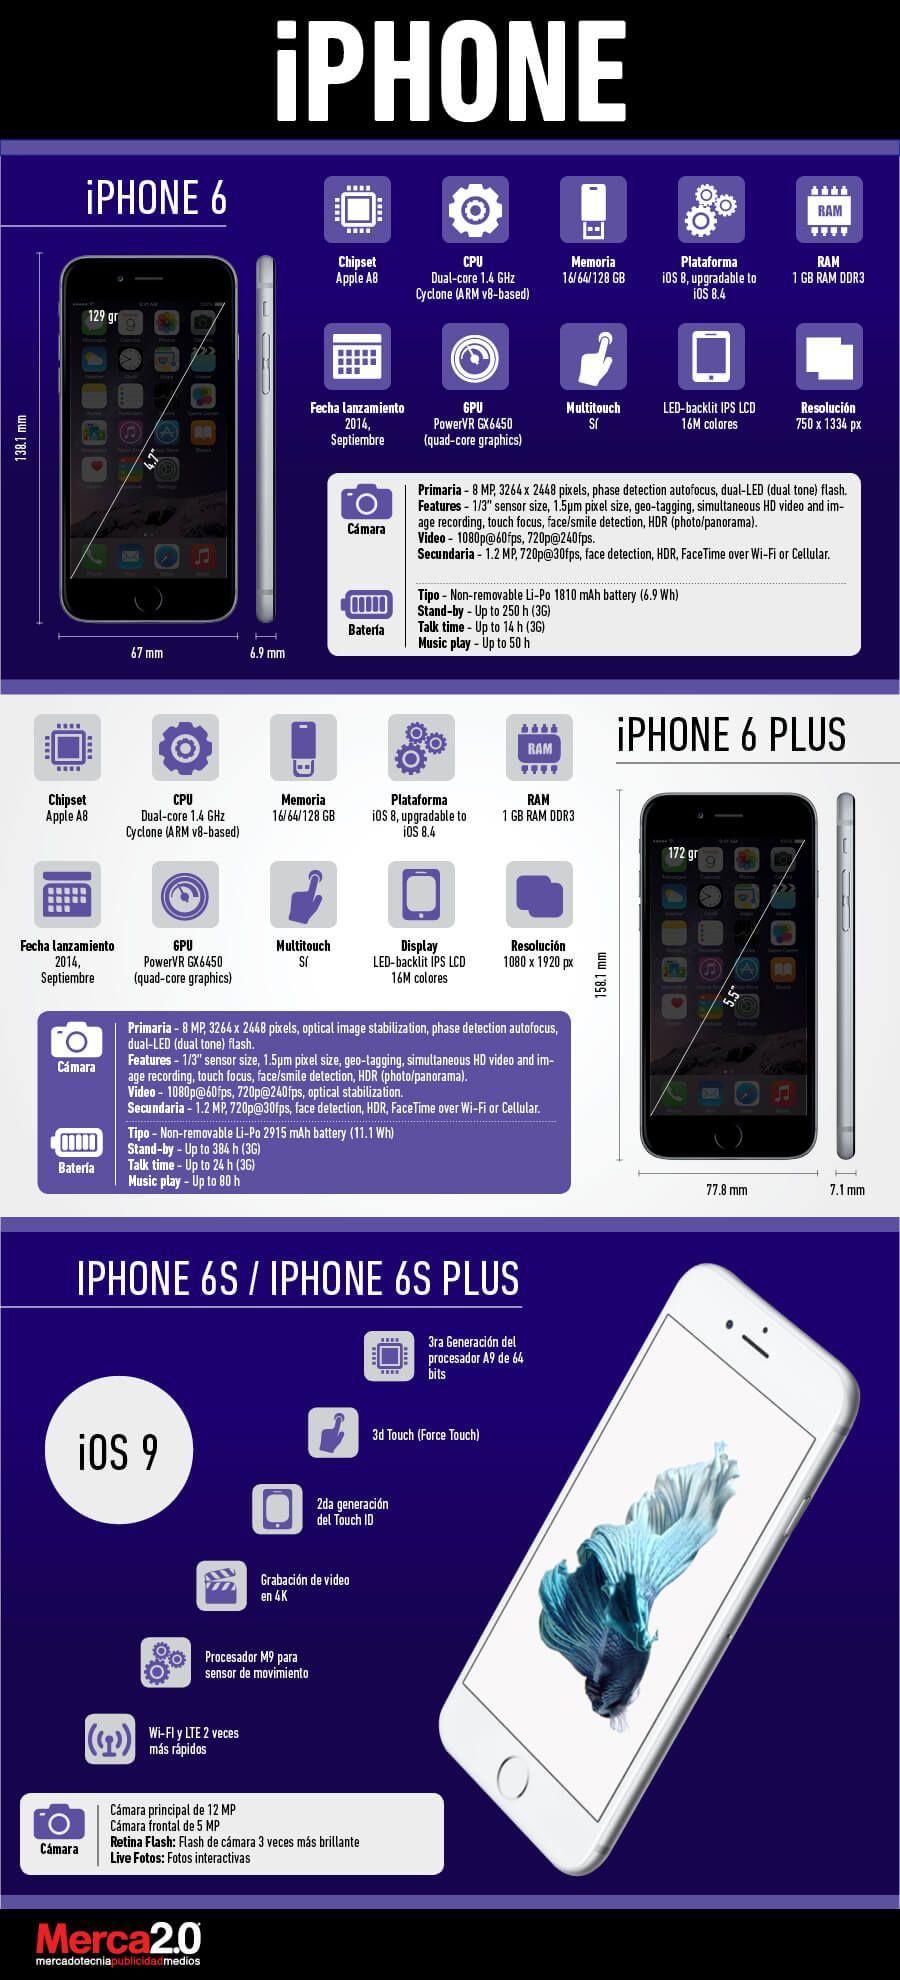 Características de los nuevos iPhone 6 y iPhone 6 Plus